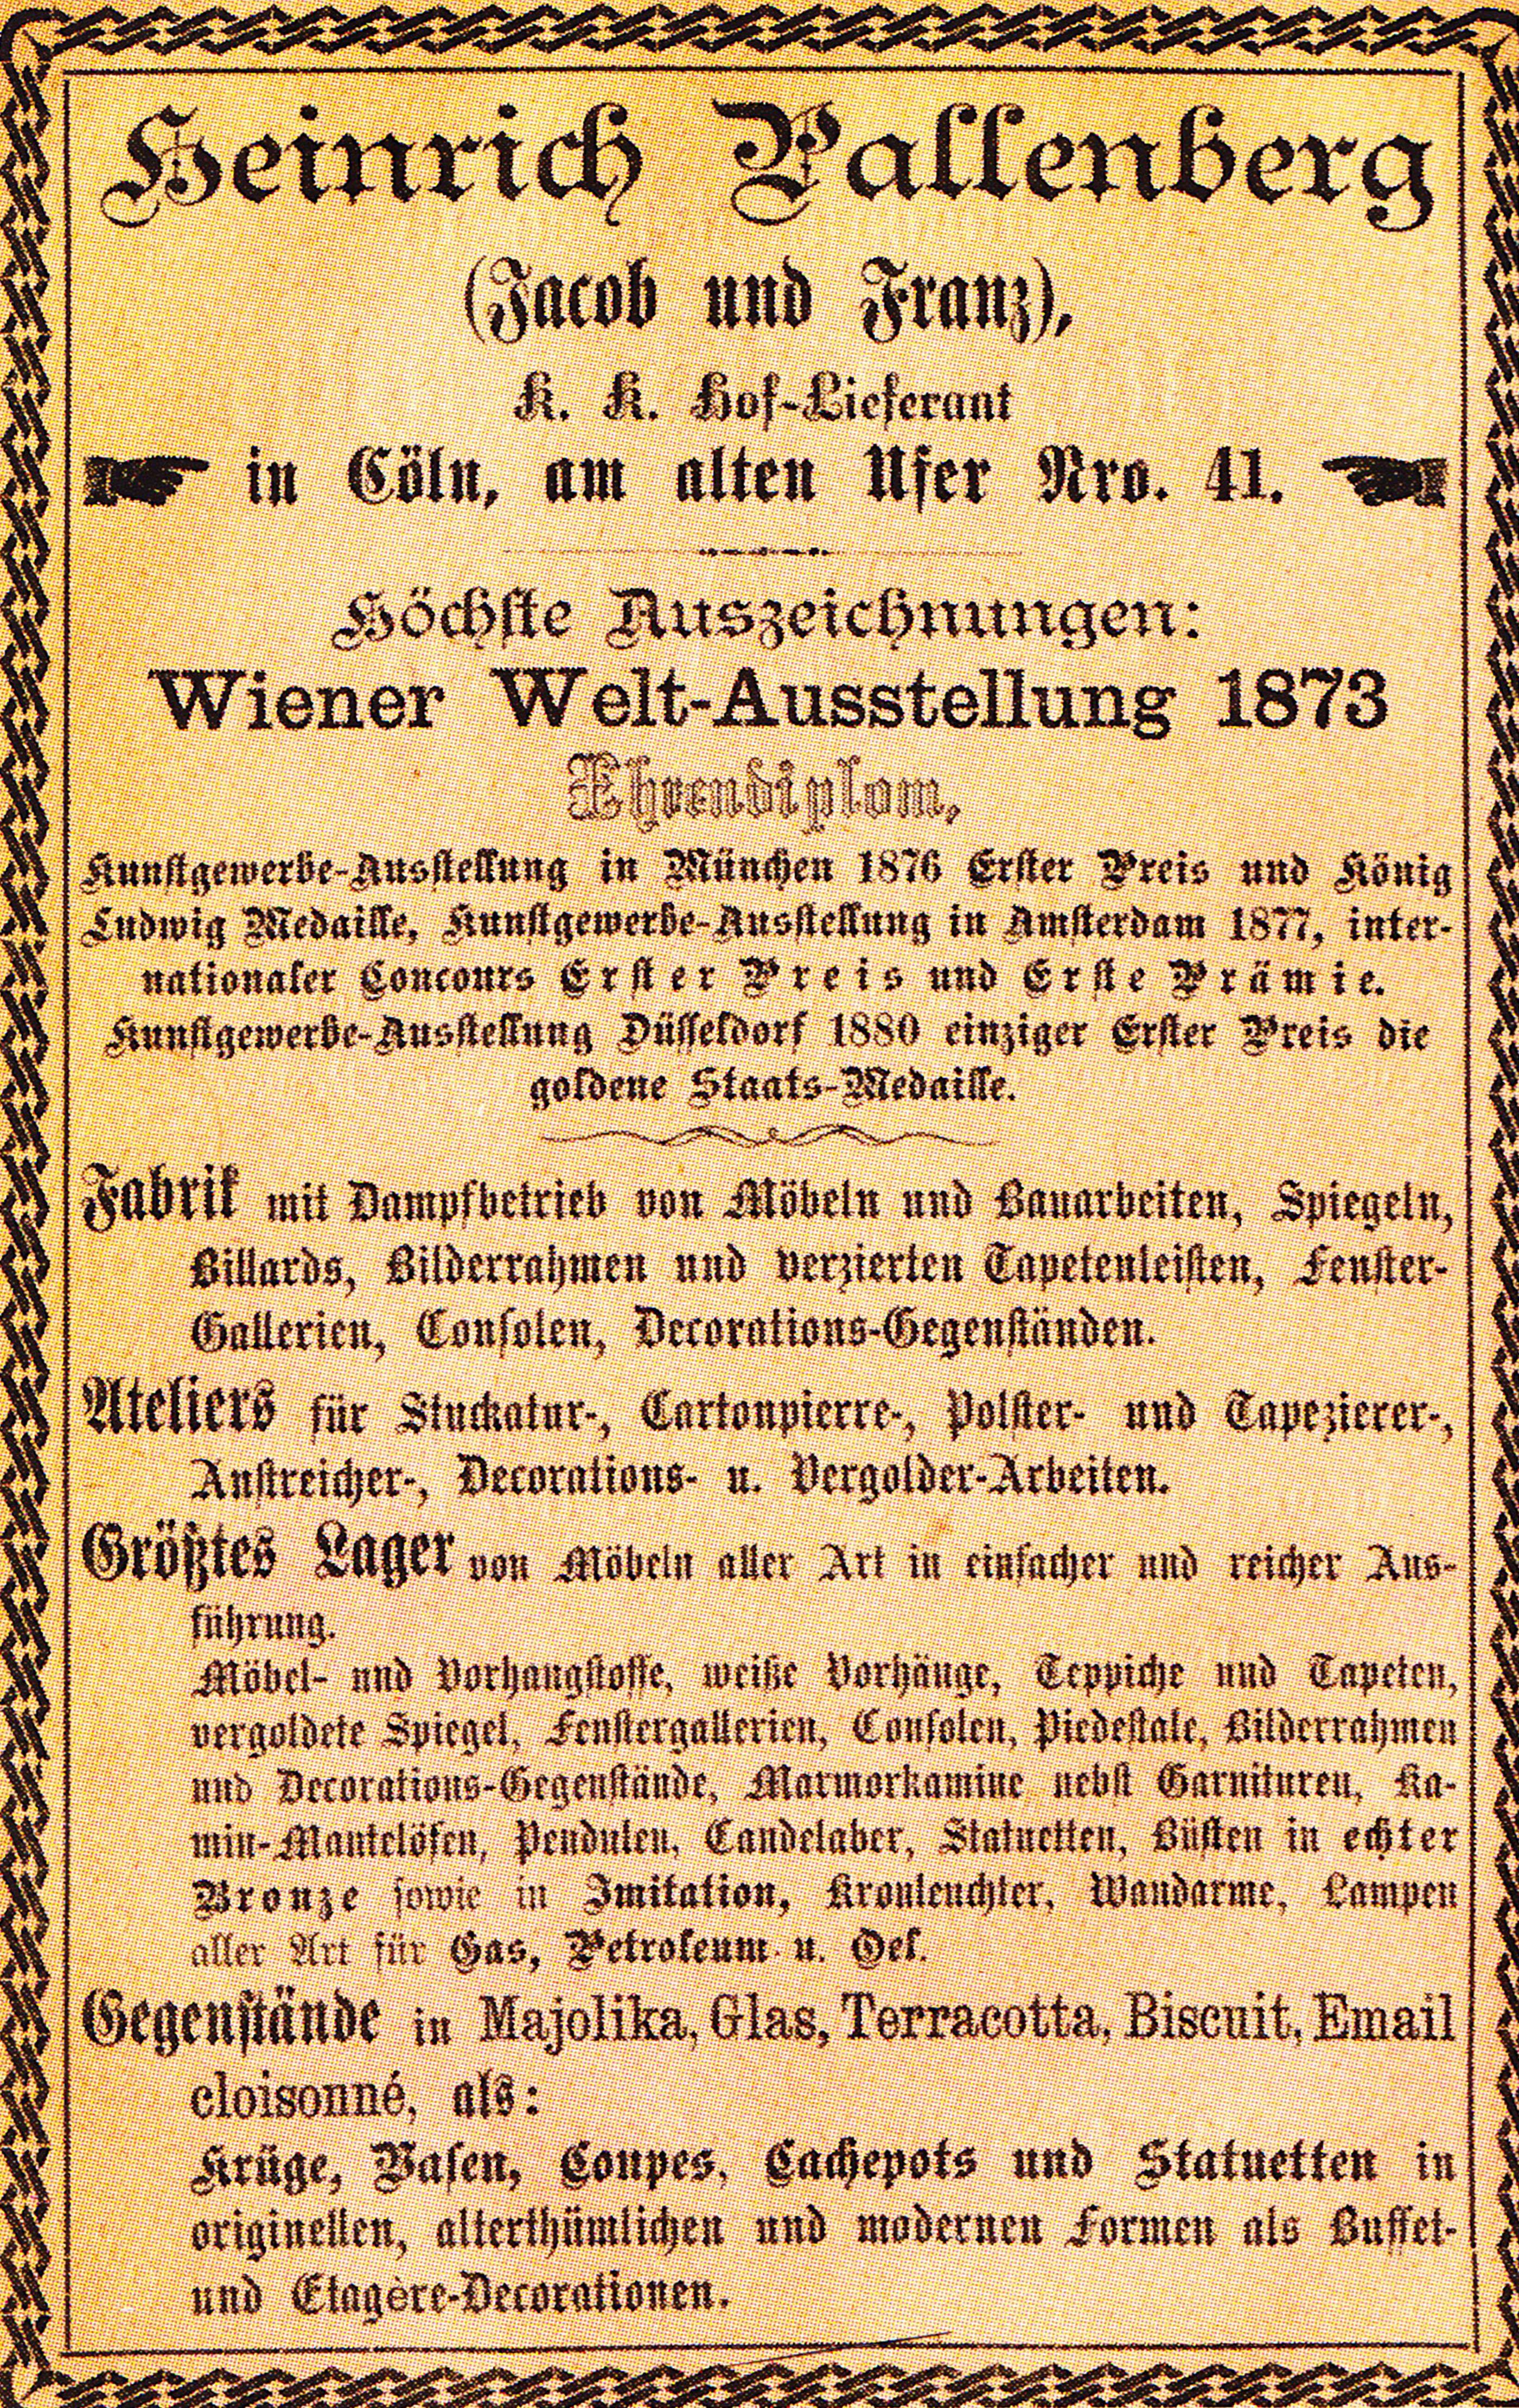 Dateipallenberg Diplom Wiener Weltausstellung 1873jpg Wikipedia